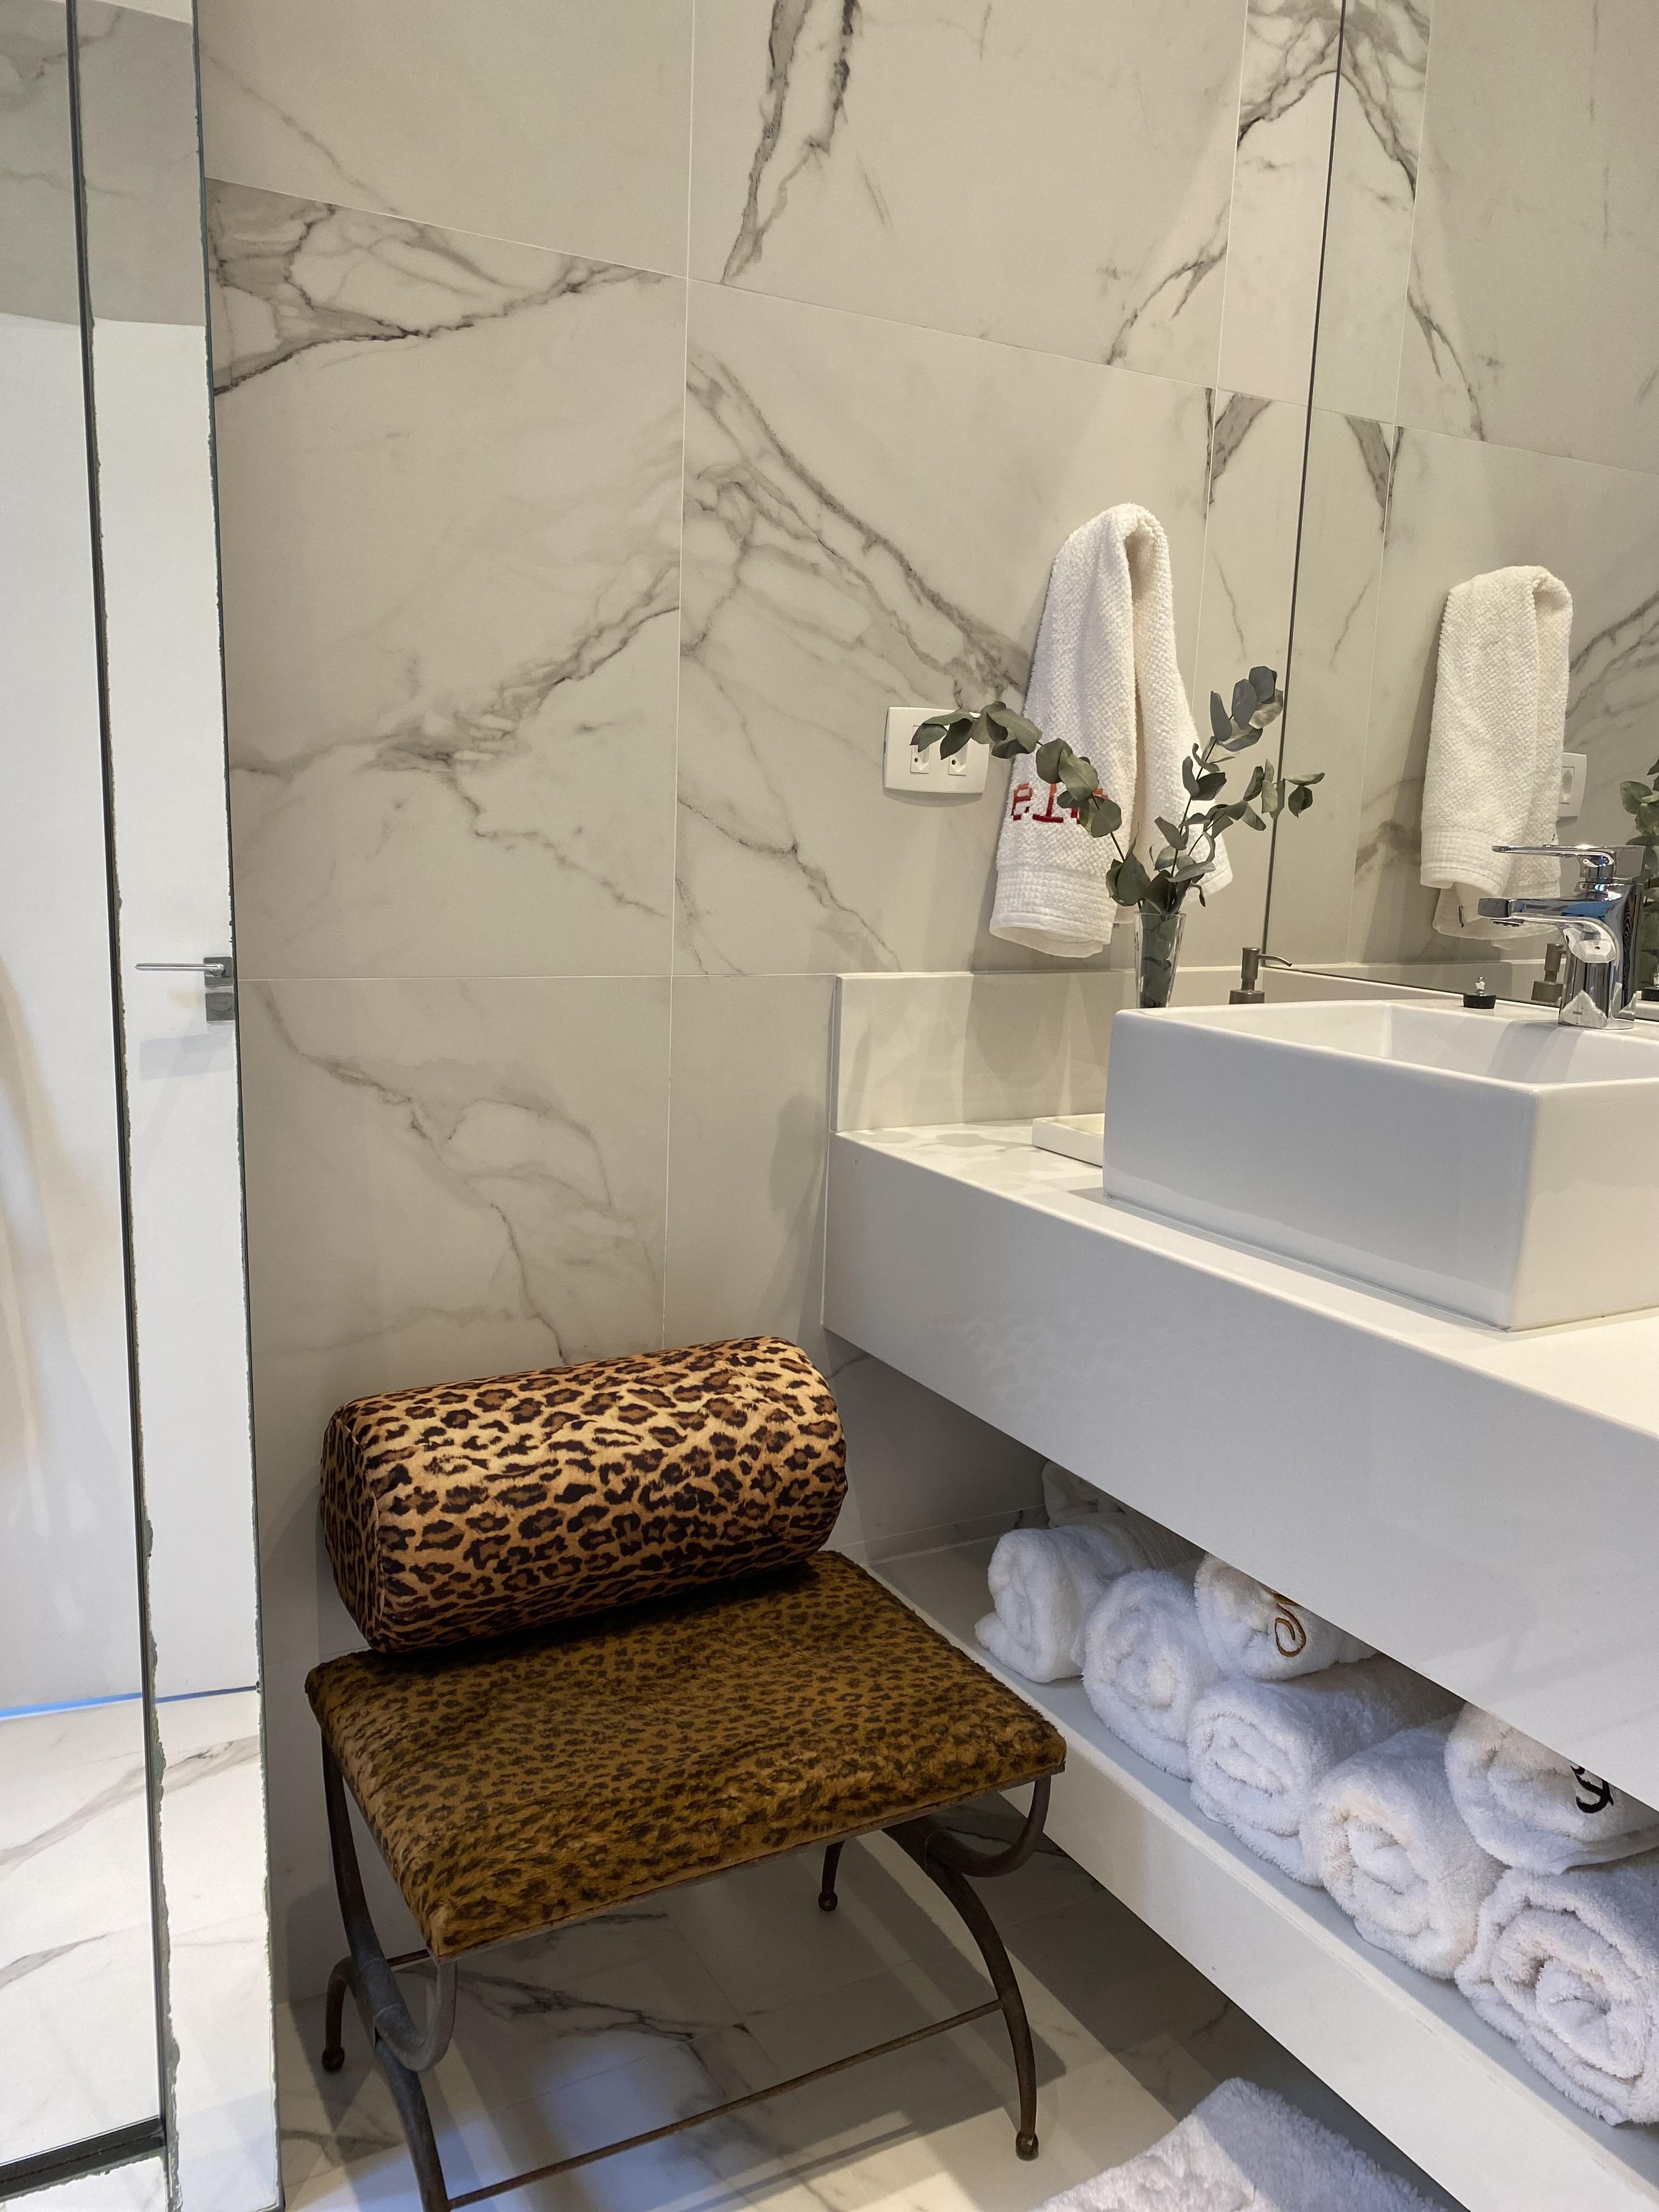 A imagem mostra um banheiro com banco de oncinha